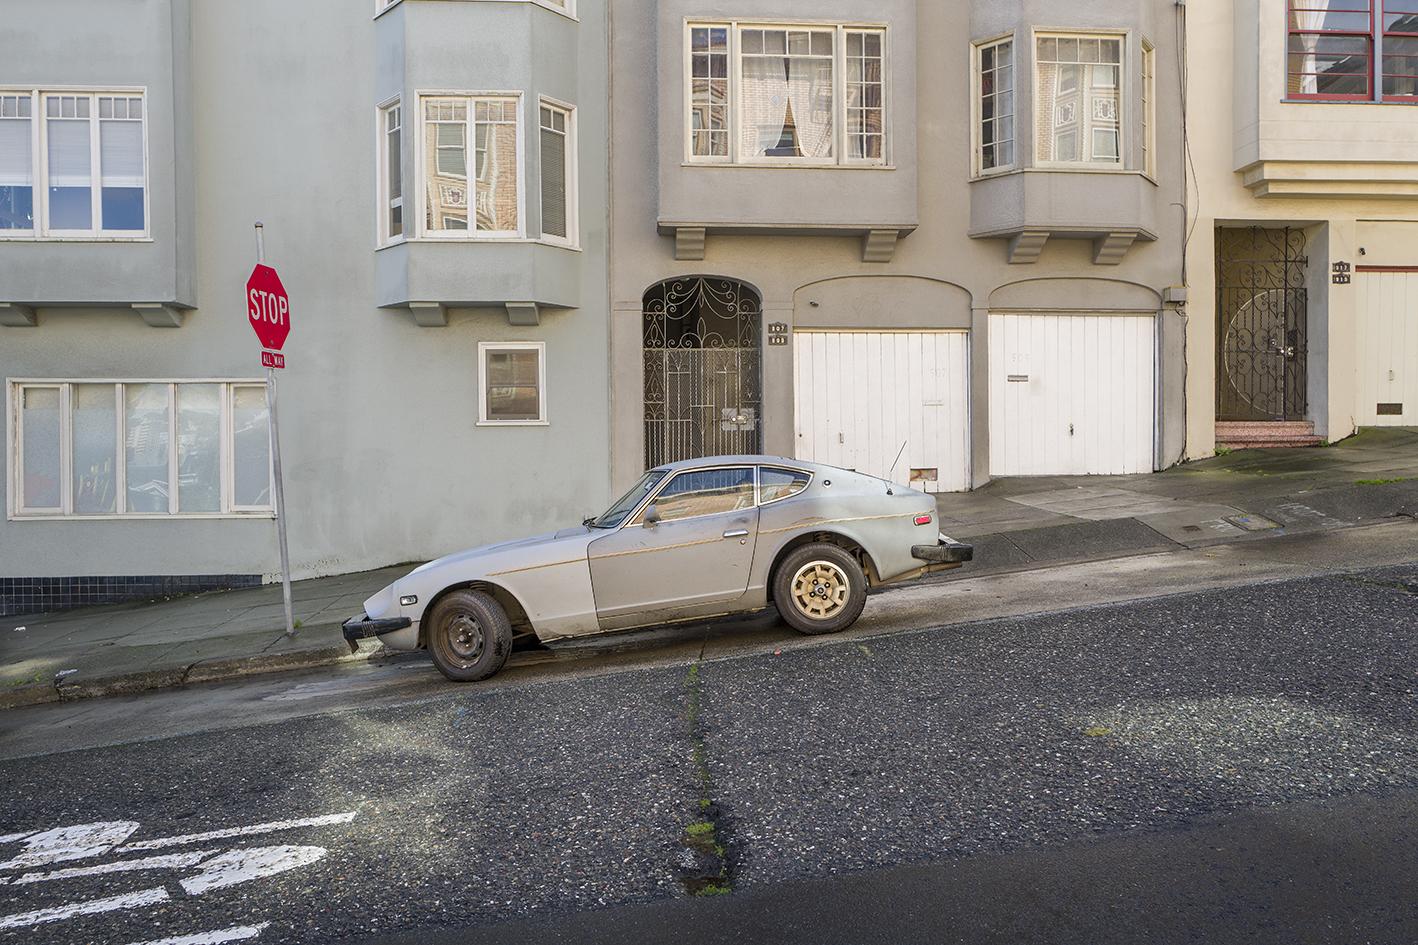 San Francisco,California | January 2017.